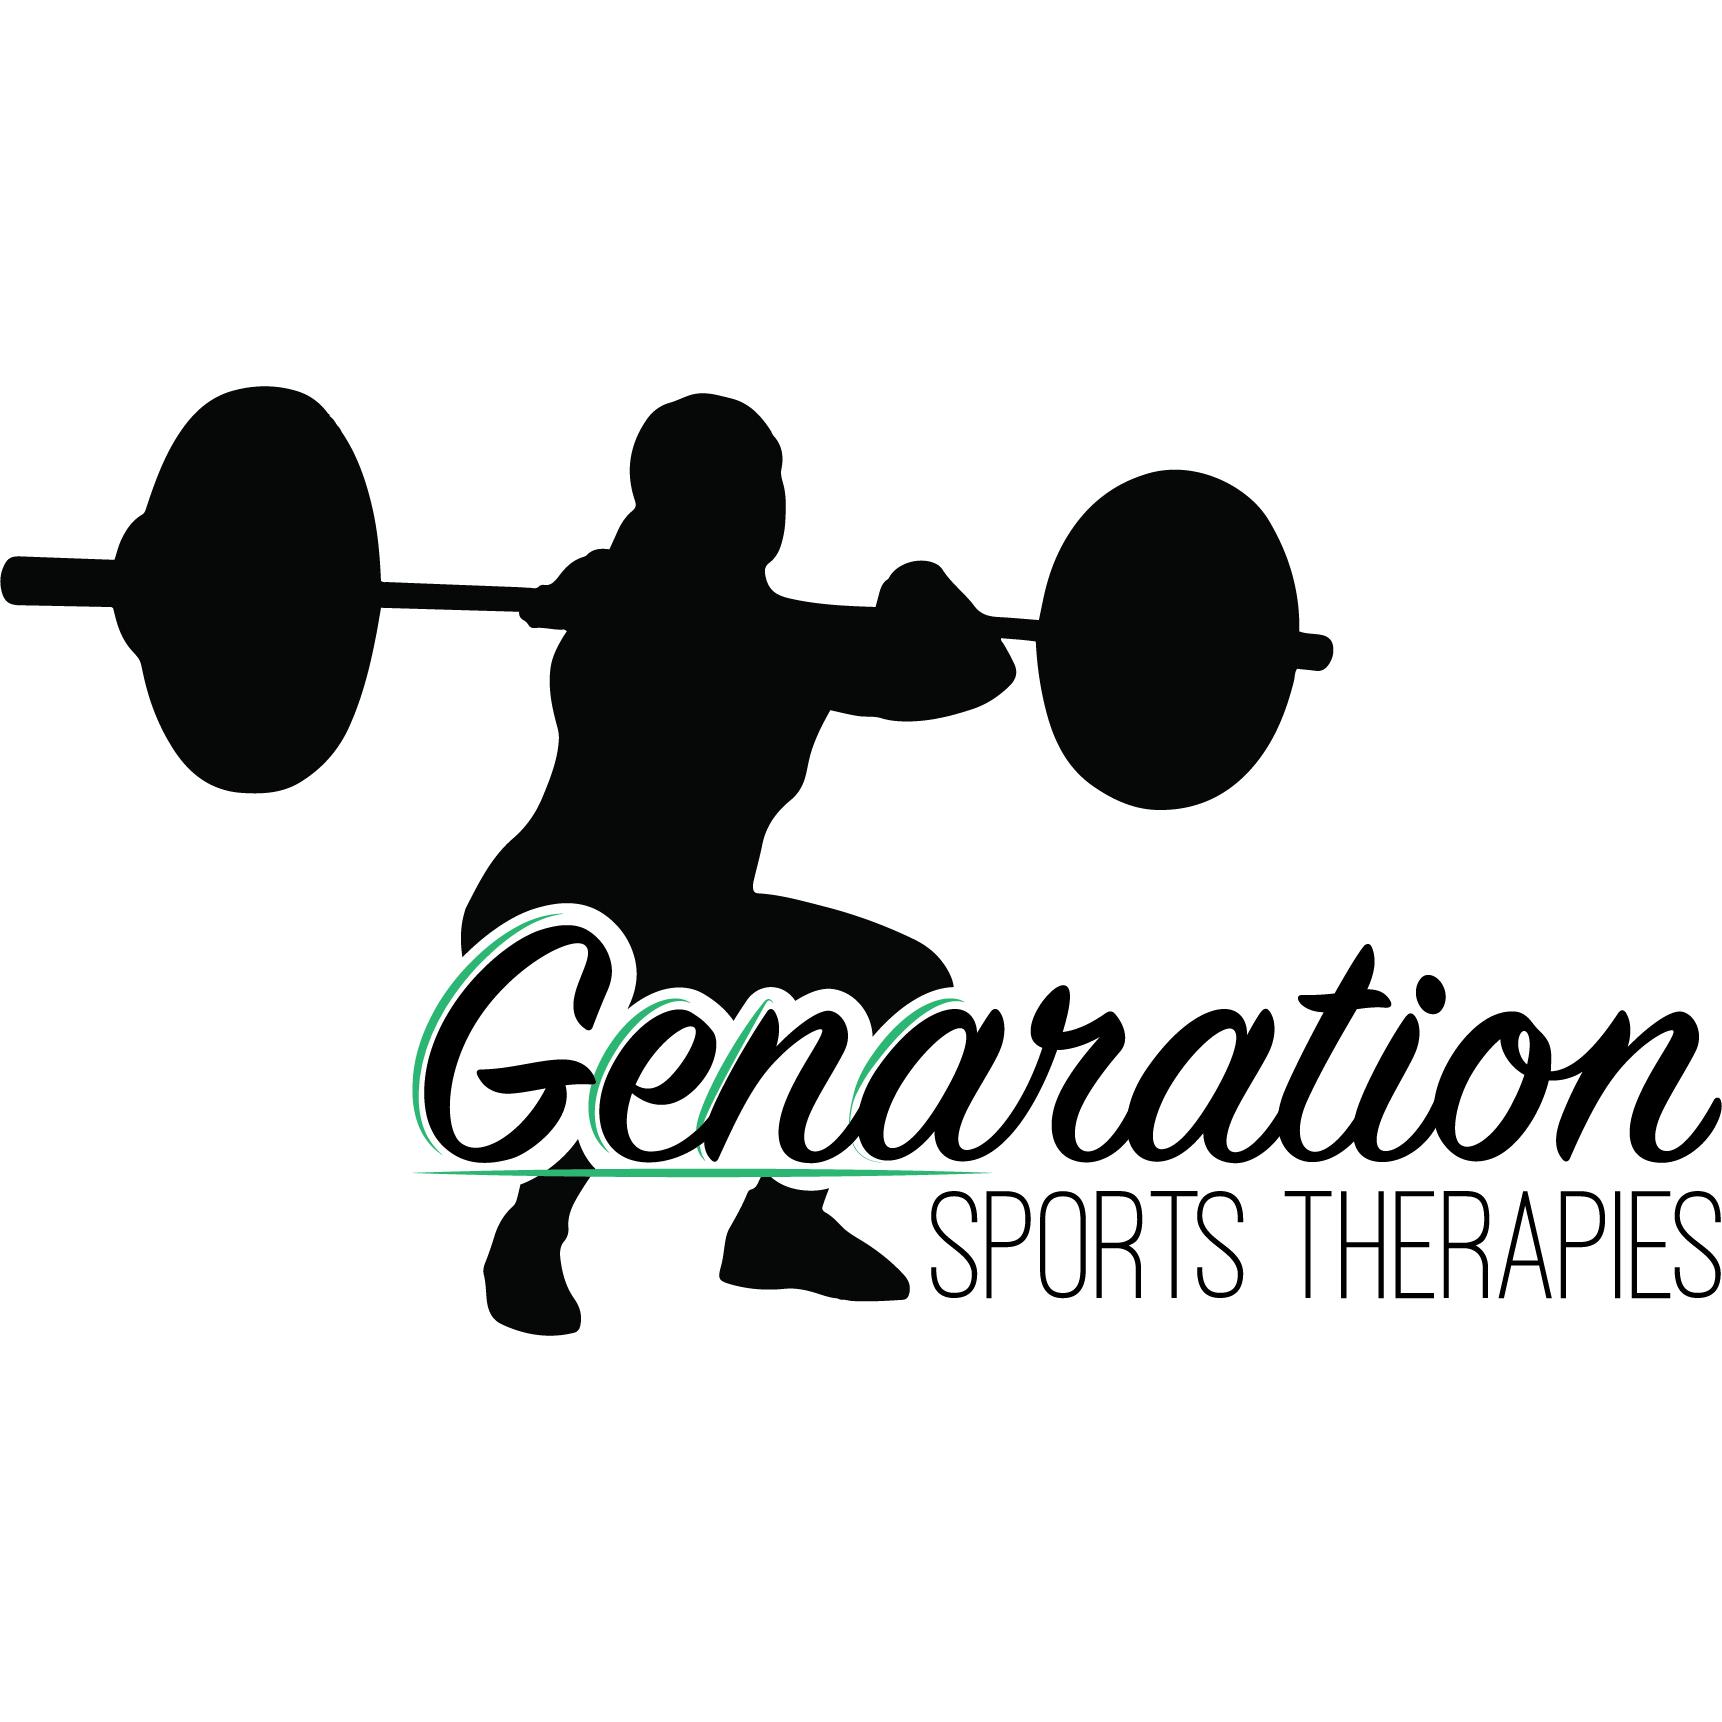 Genaration Sports Therapies